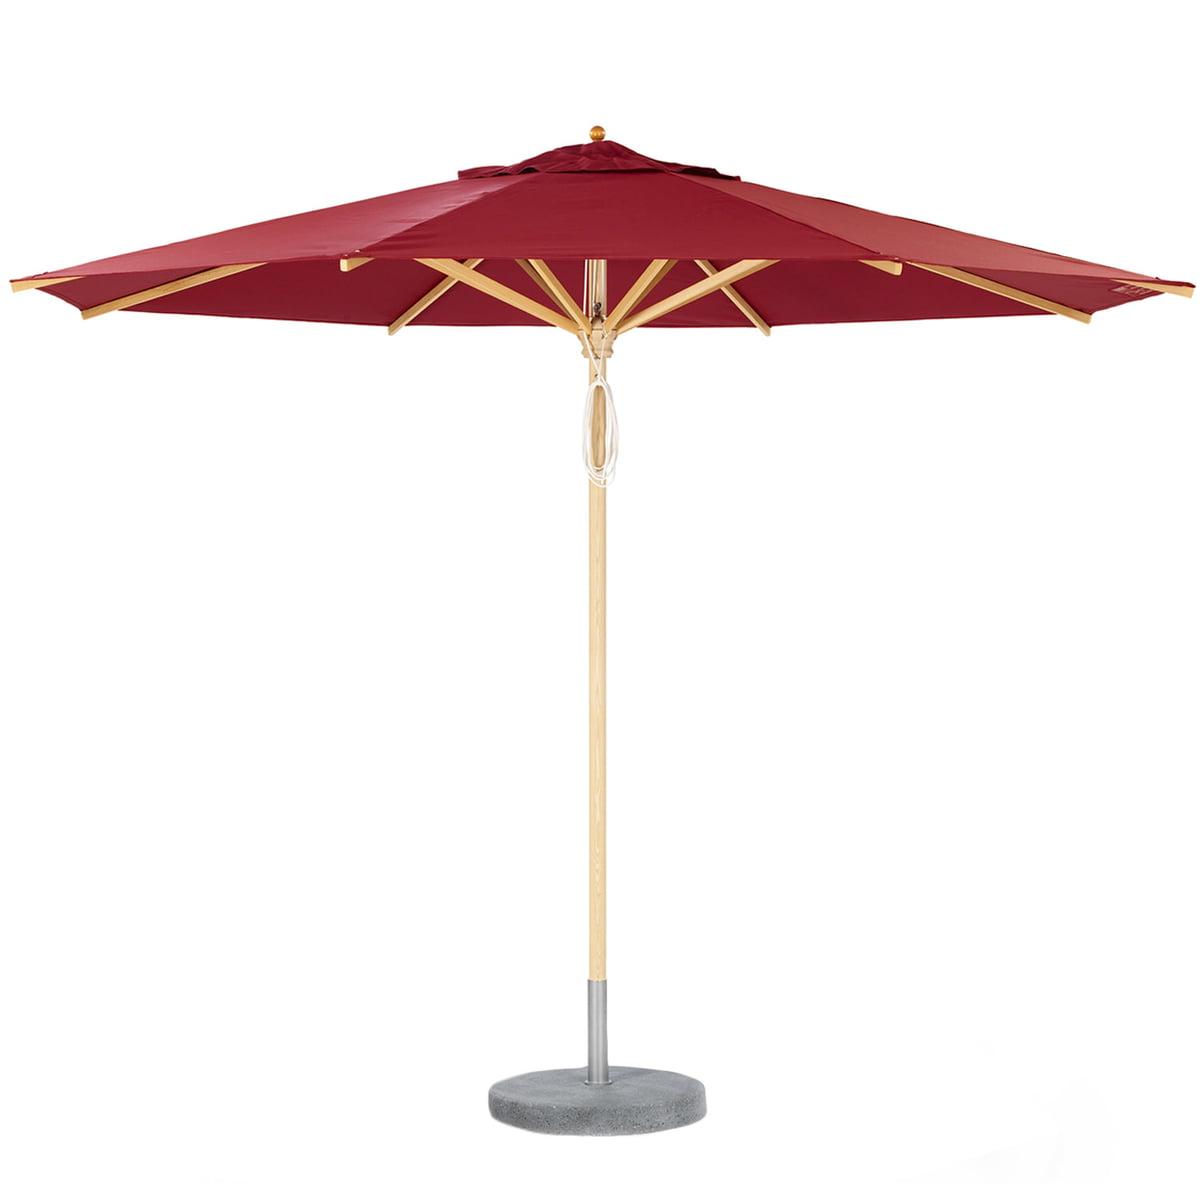 Weishäupl Sonnenschirm.Weishäupl Basic Sunshade Dolan Natural